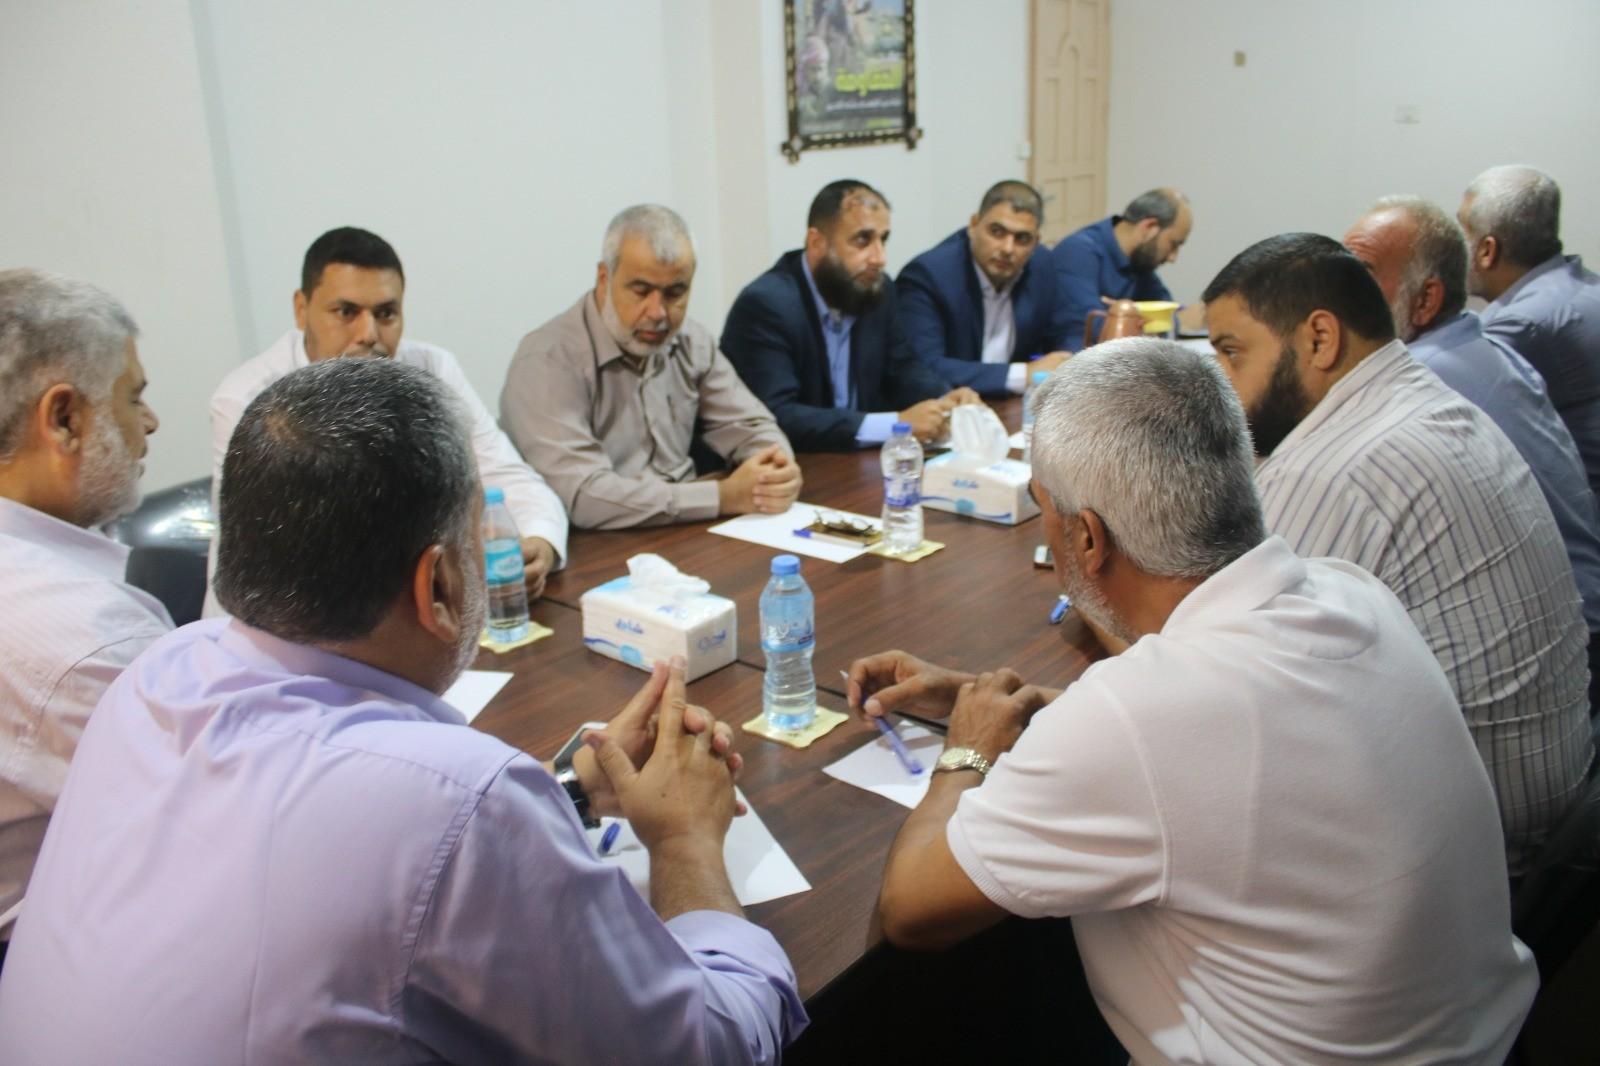 فصائل المقاومة الفلسطينية بغزّة تُصدر بيانًا مهمًا حول الأحداث الجارية